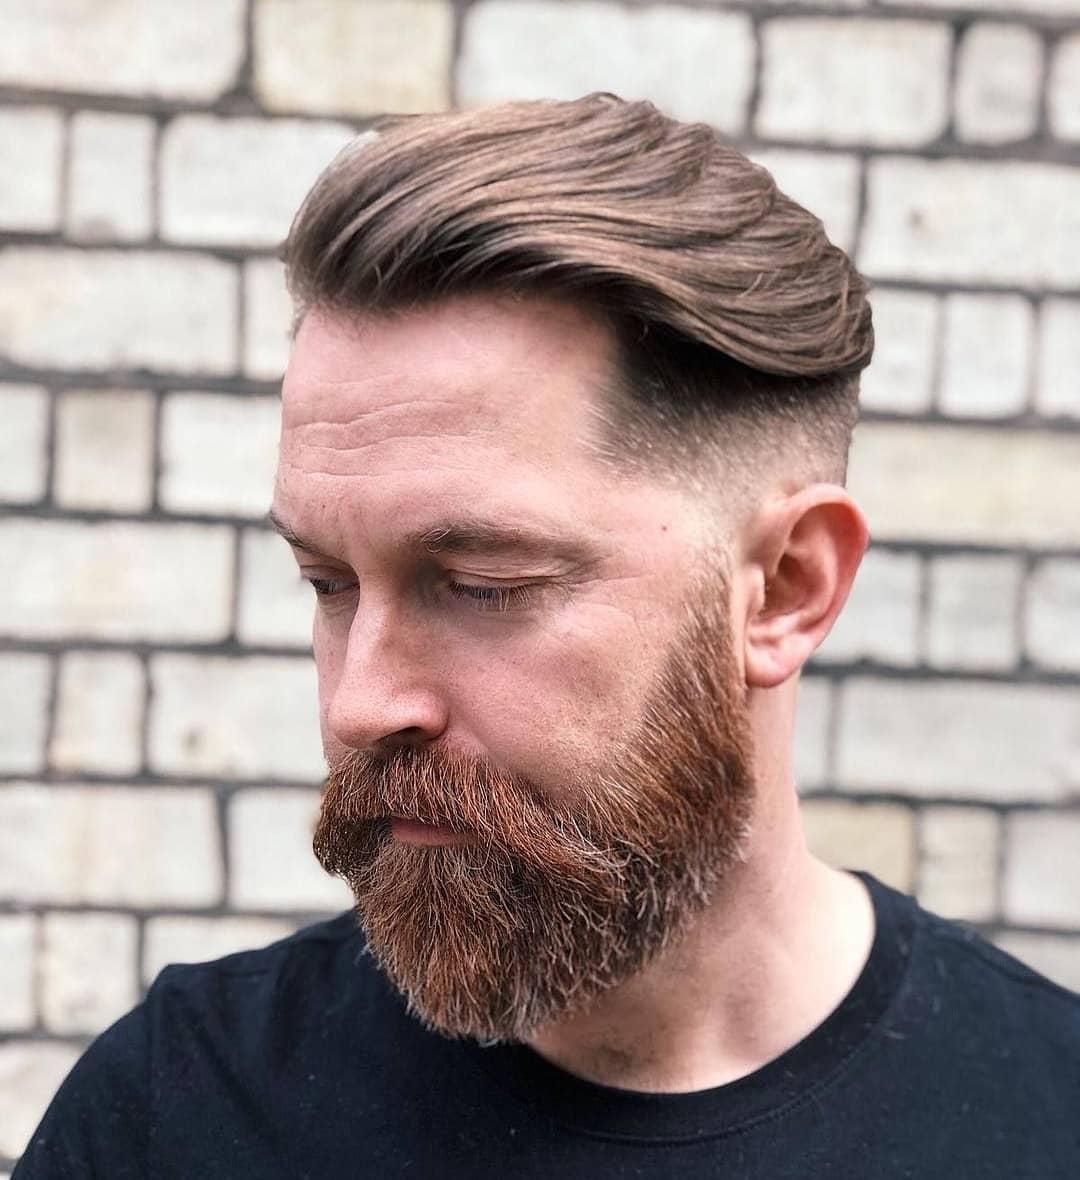 Classic Undercut + Beard